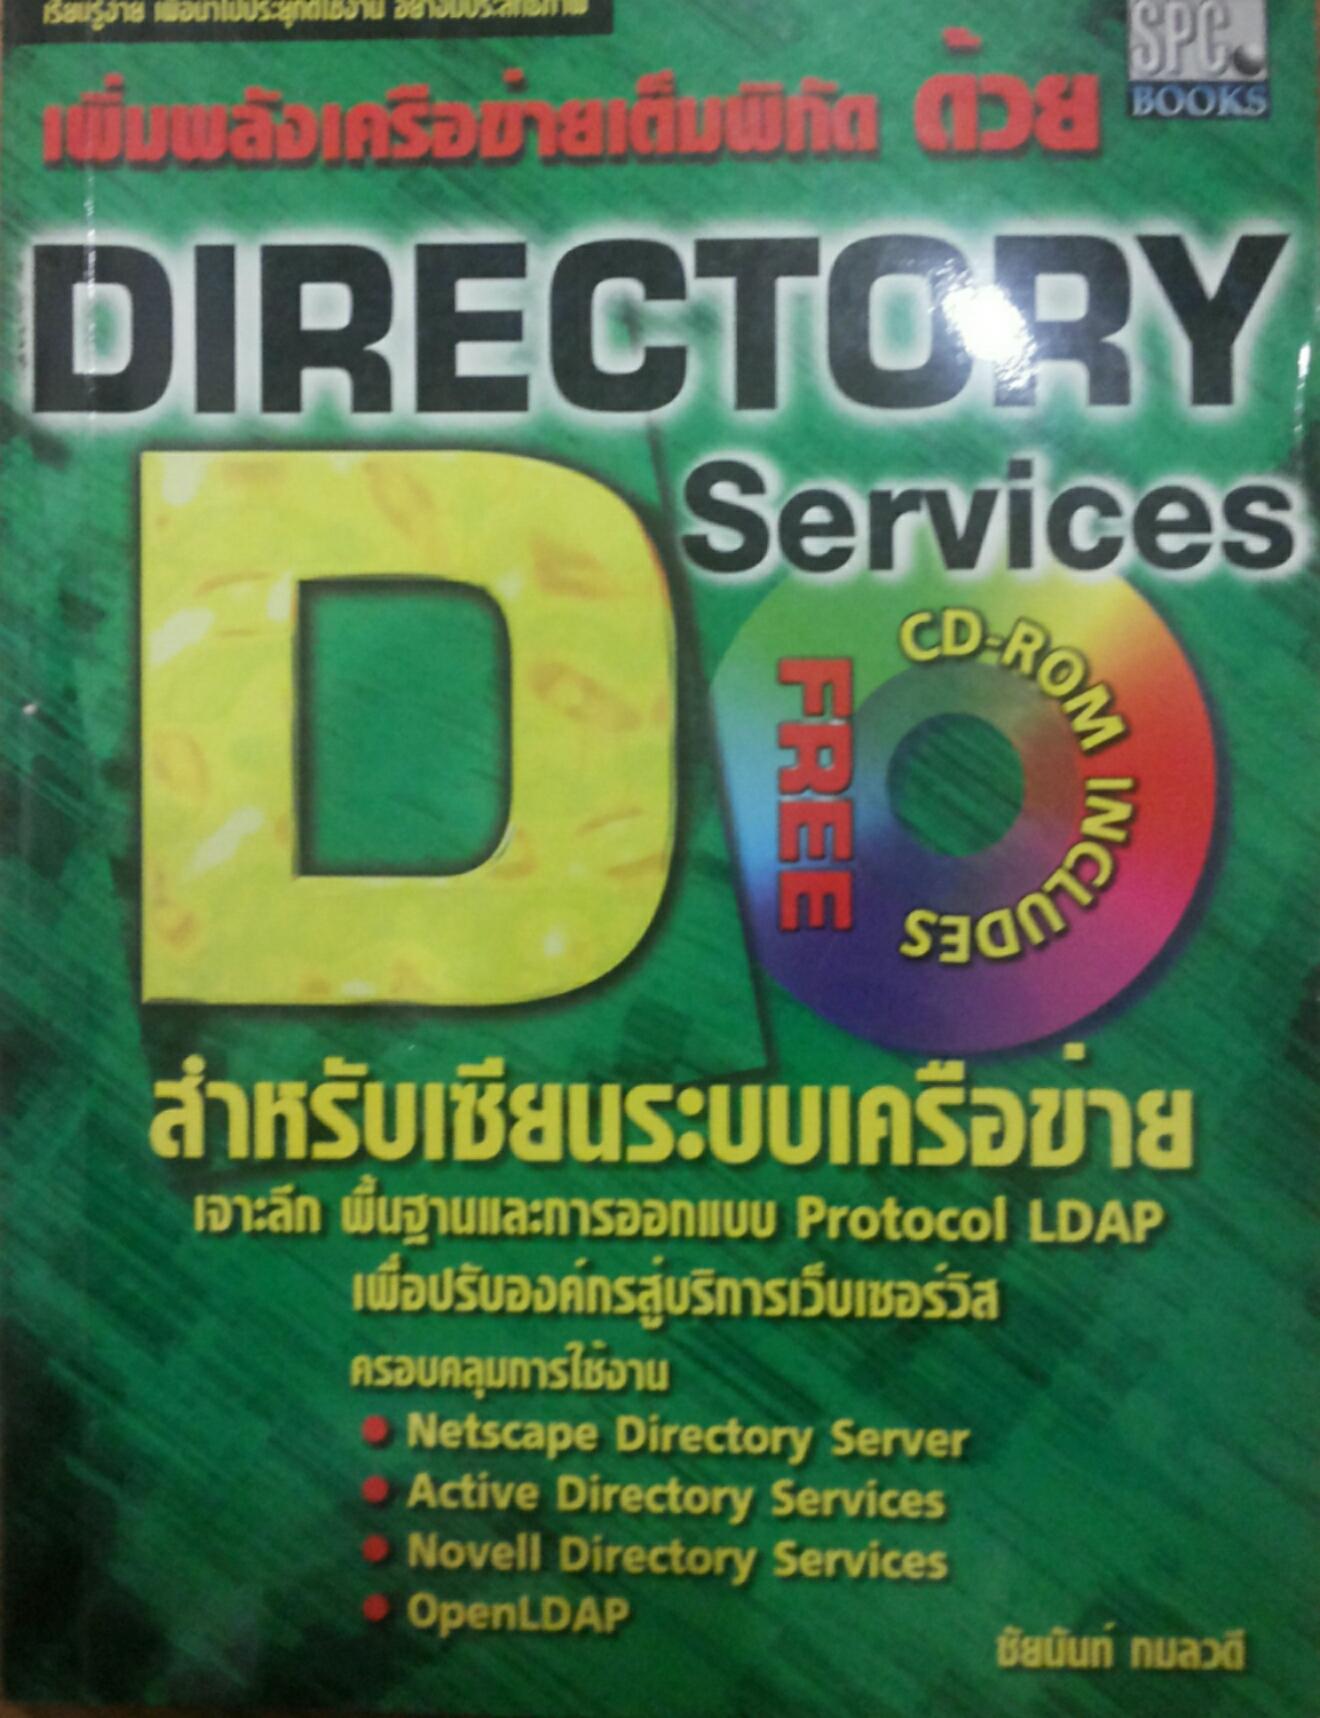 เพิ่มพลังเครือข่ายเต็มพิกัดด้วย DIRECTORY Services